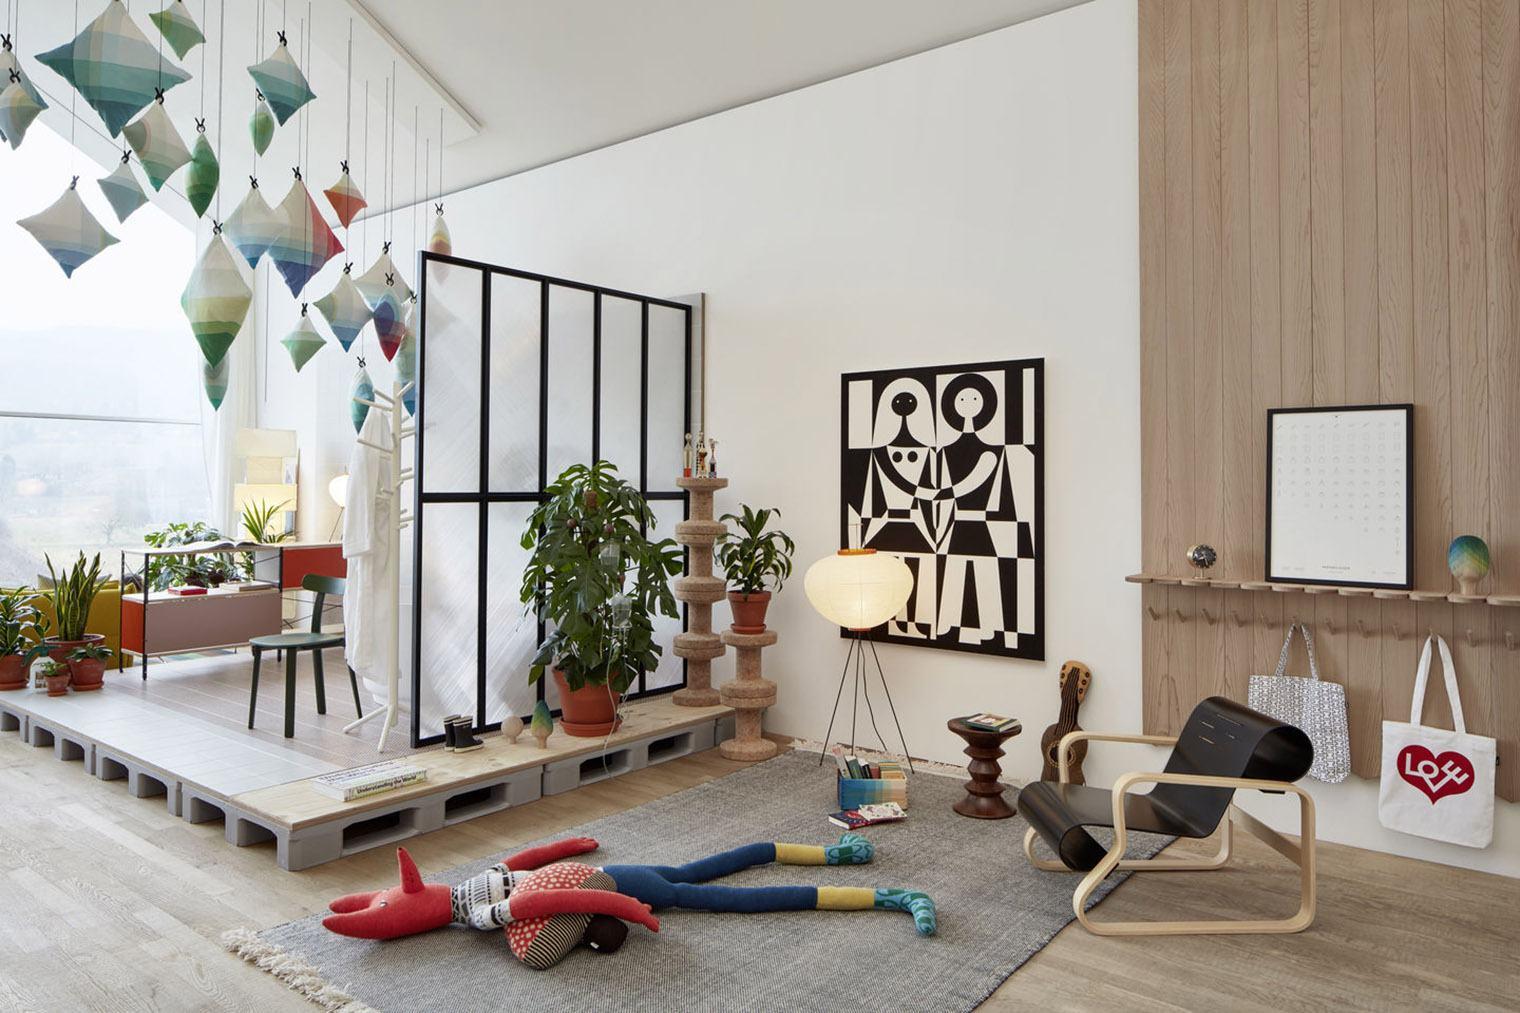 El nuevo interior de vitrahaus un lugar feliz por raw for Design couchtisch vitra